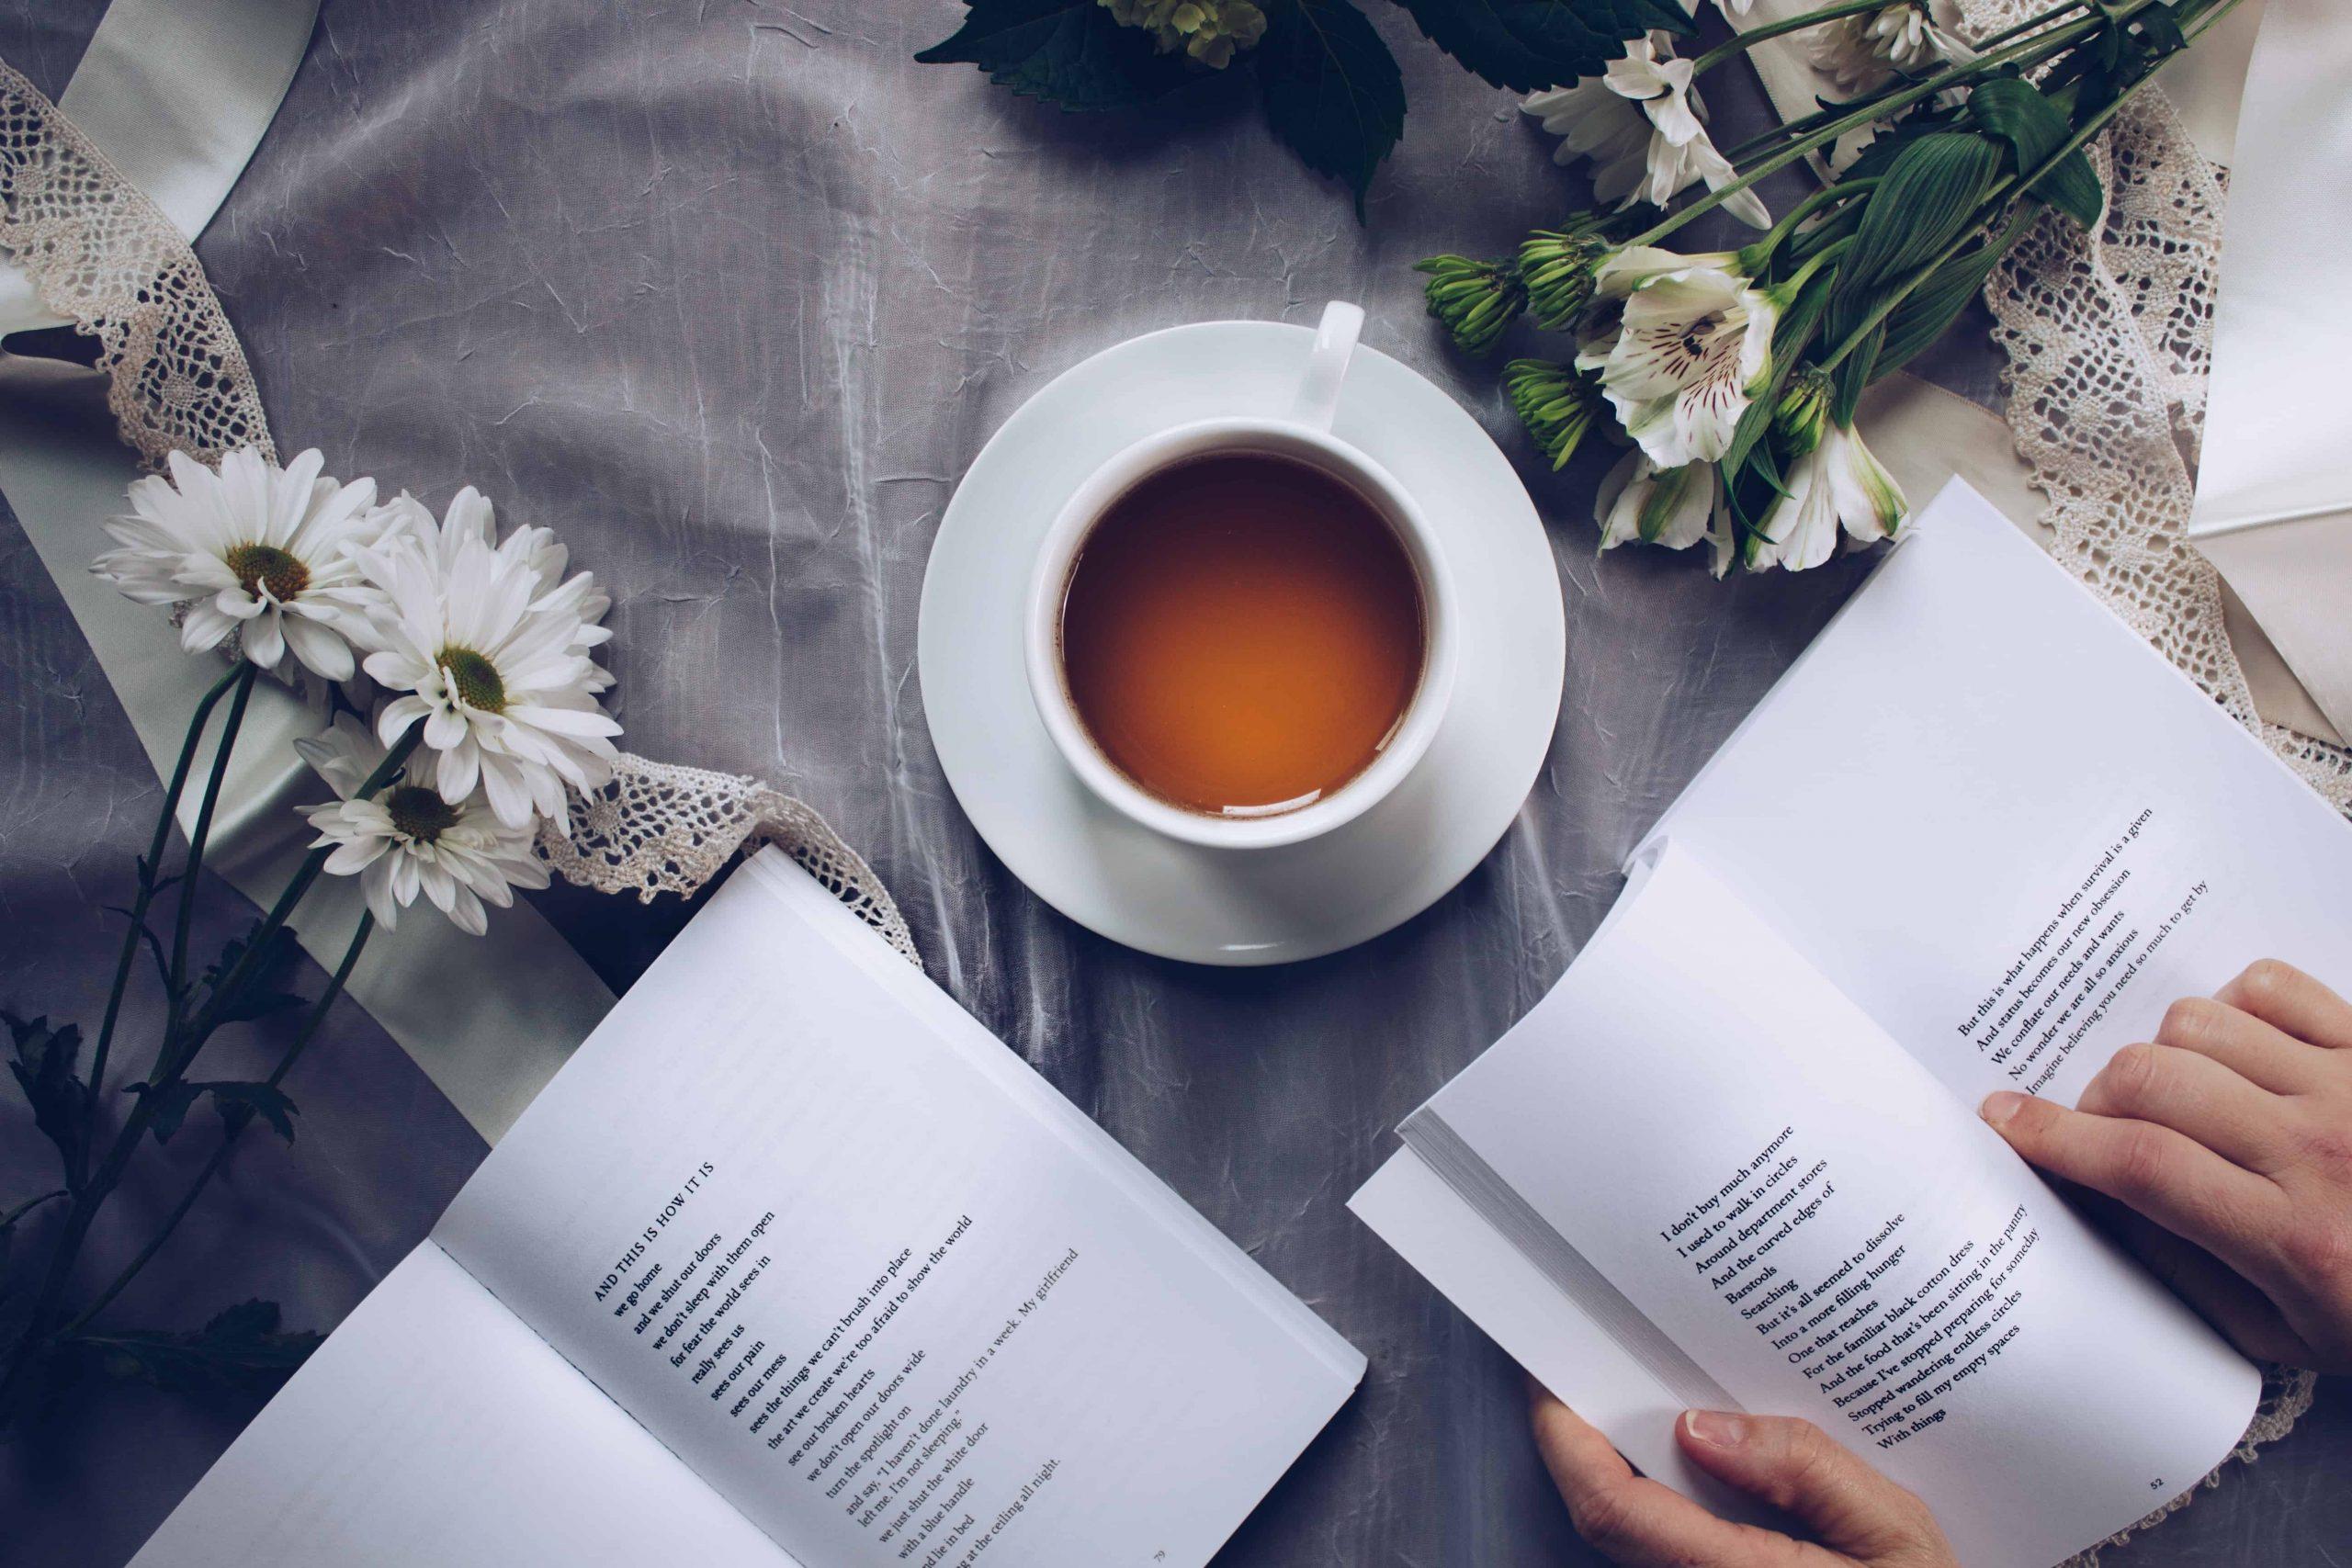 Mãos segurando livro e xícara de café na mesa.